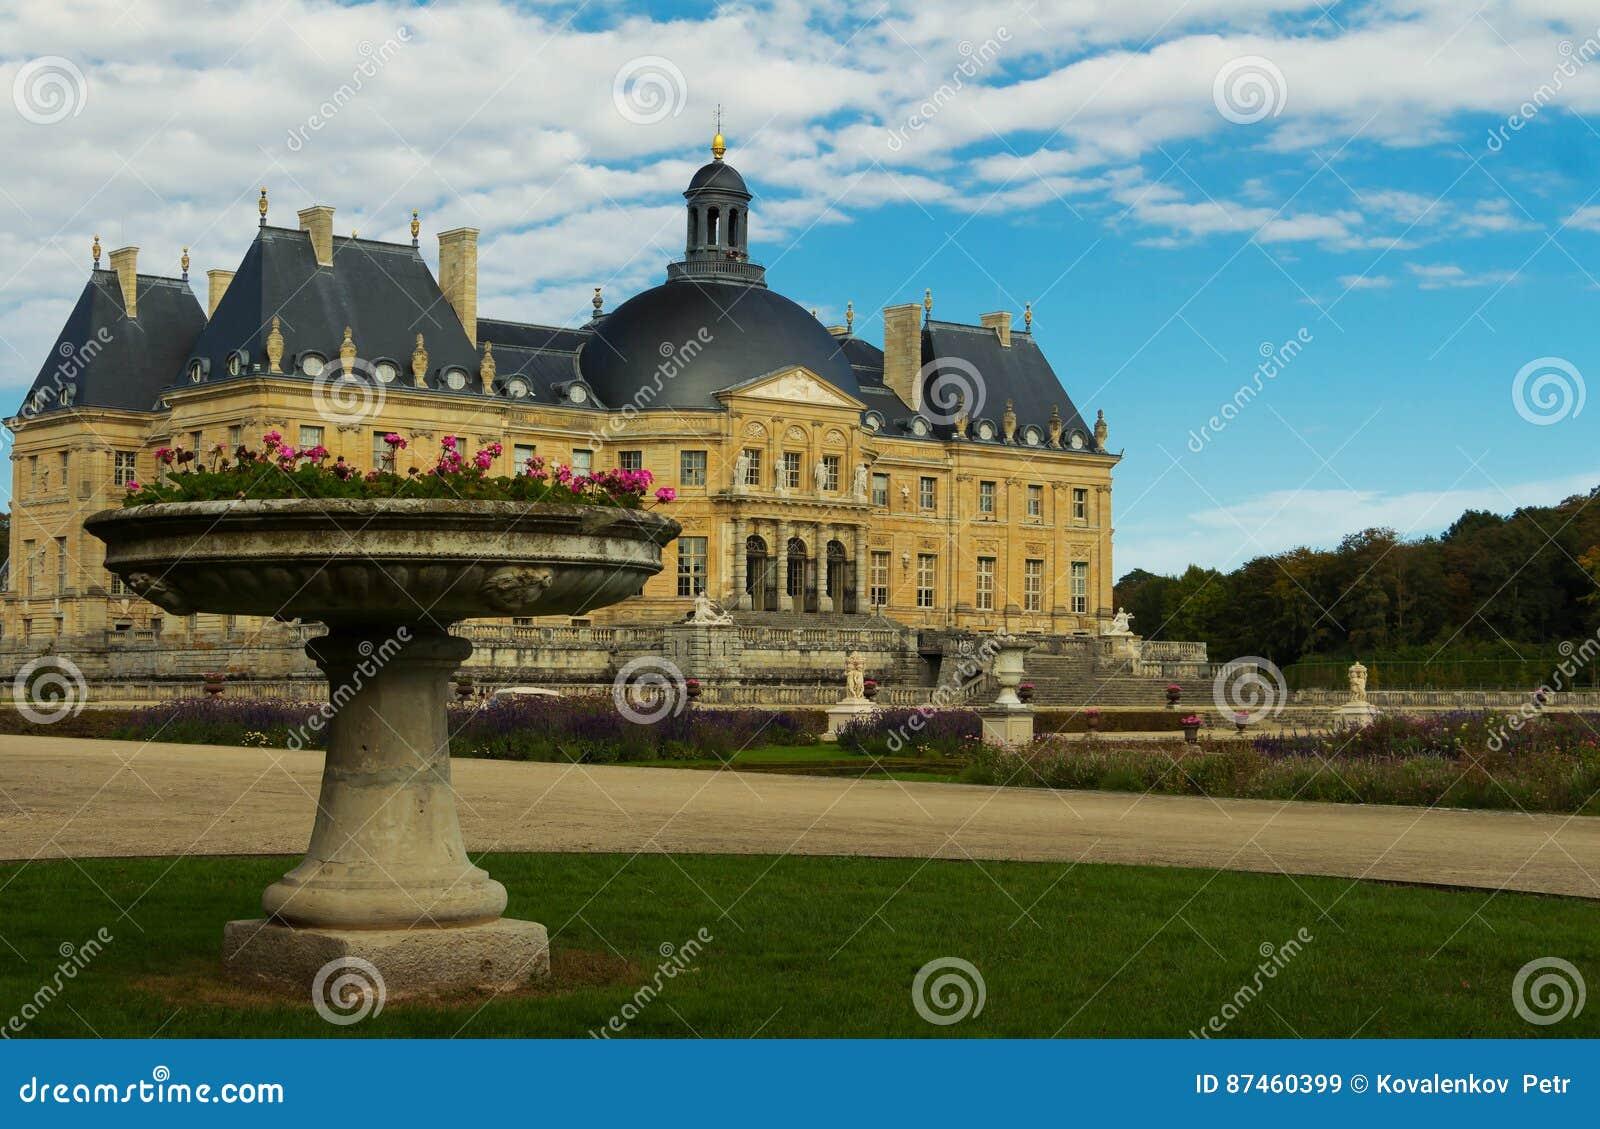 The Vaux-le-Vicomte castle ,France.